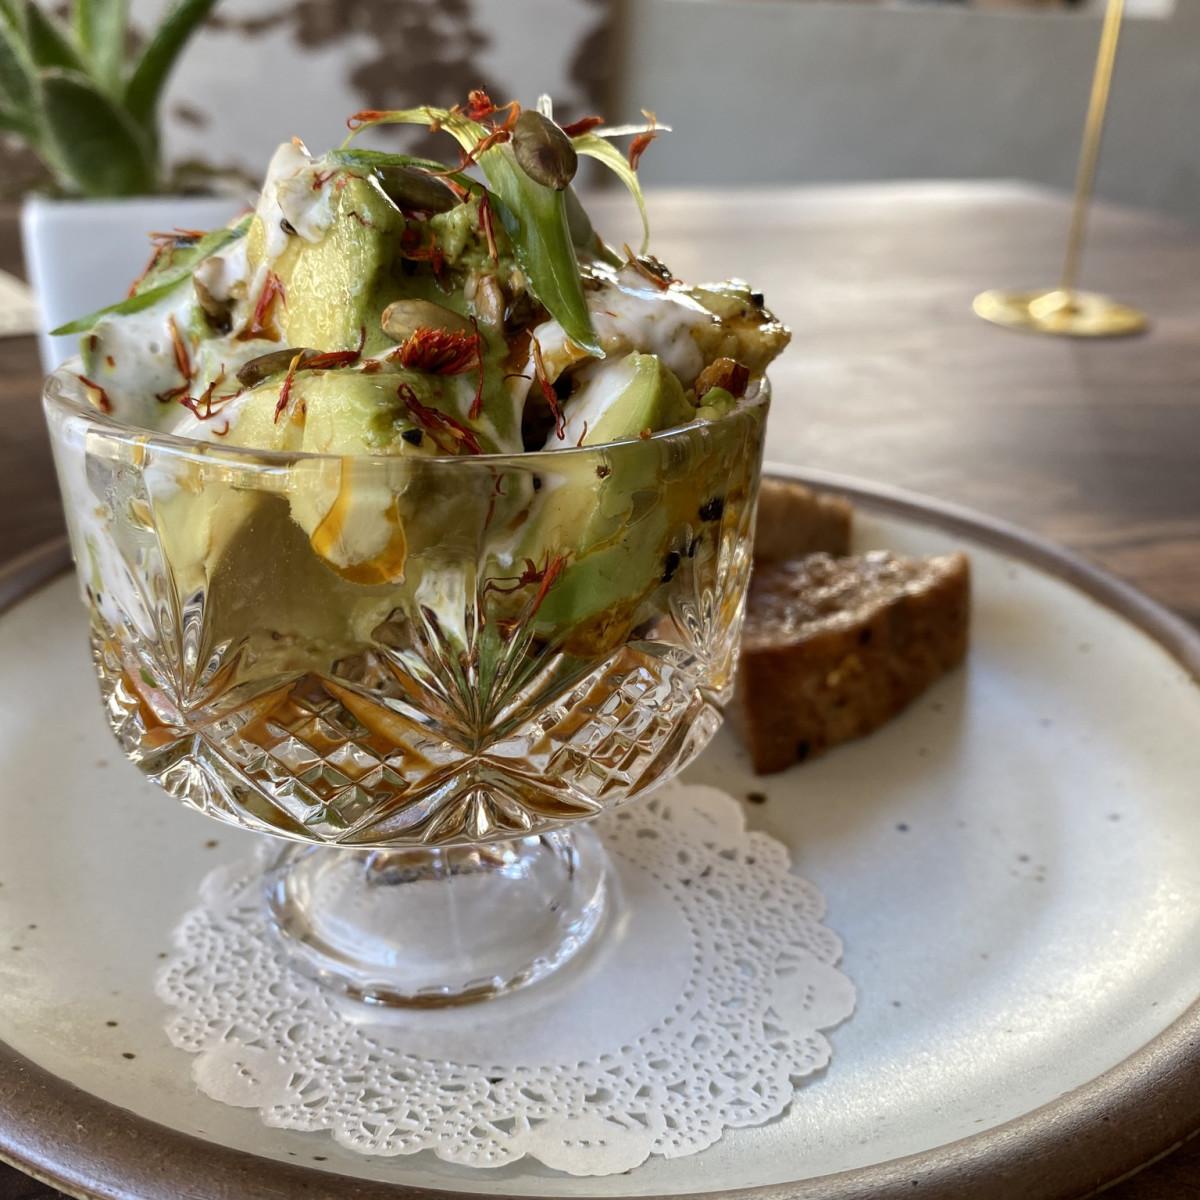 El Topo avocado toast